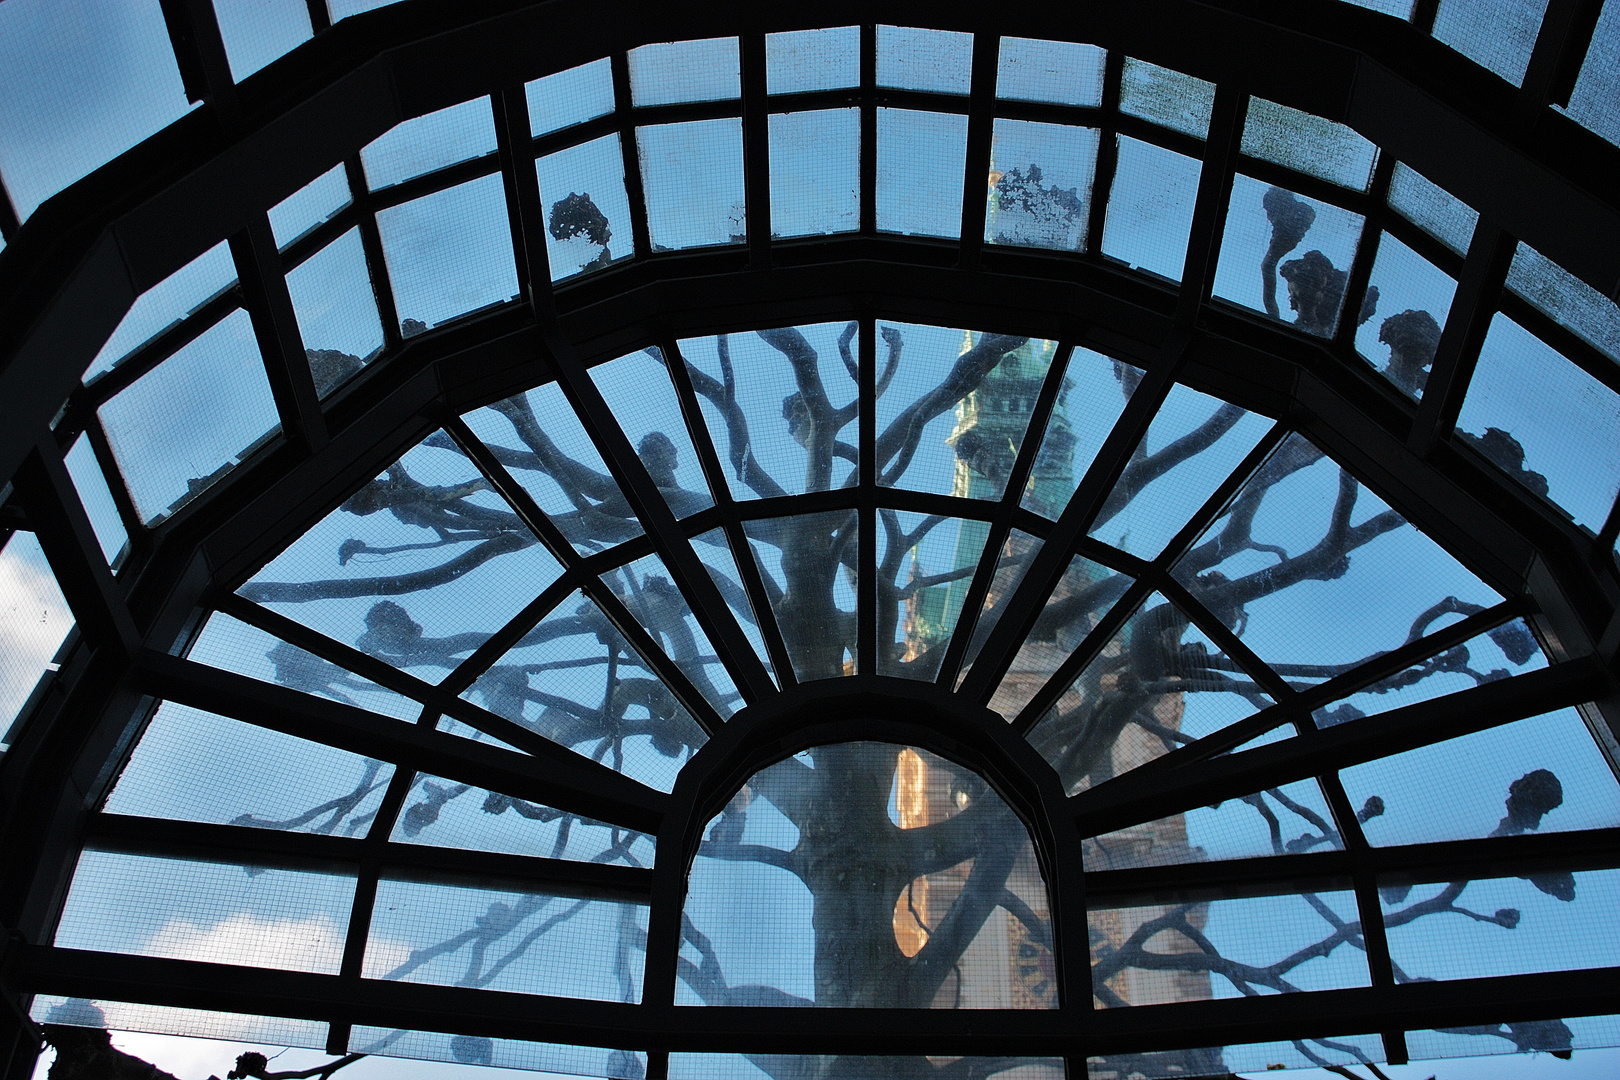 Haltestellenblick auf den Hamburger Rathausturm